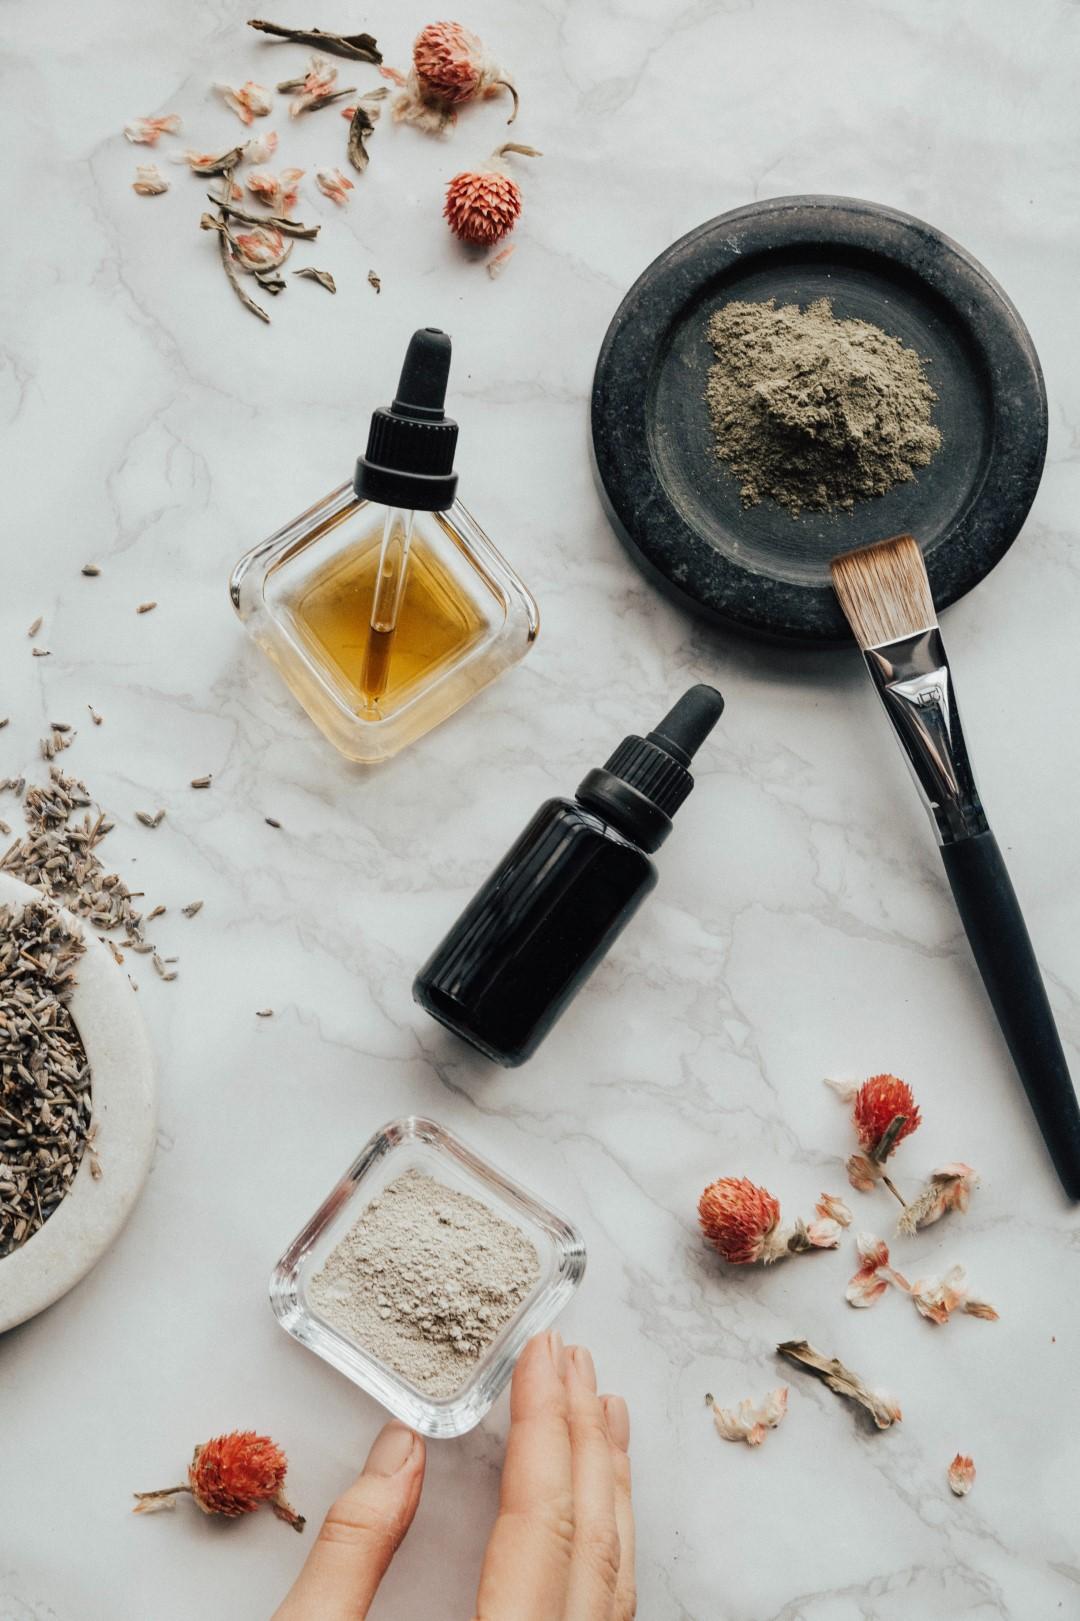 cosmética casera, exfoliacion natural, cuidados de la piel, cosmetología, dermatología, cutis, tratamientos caseros, acné-